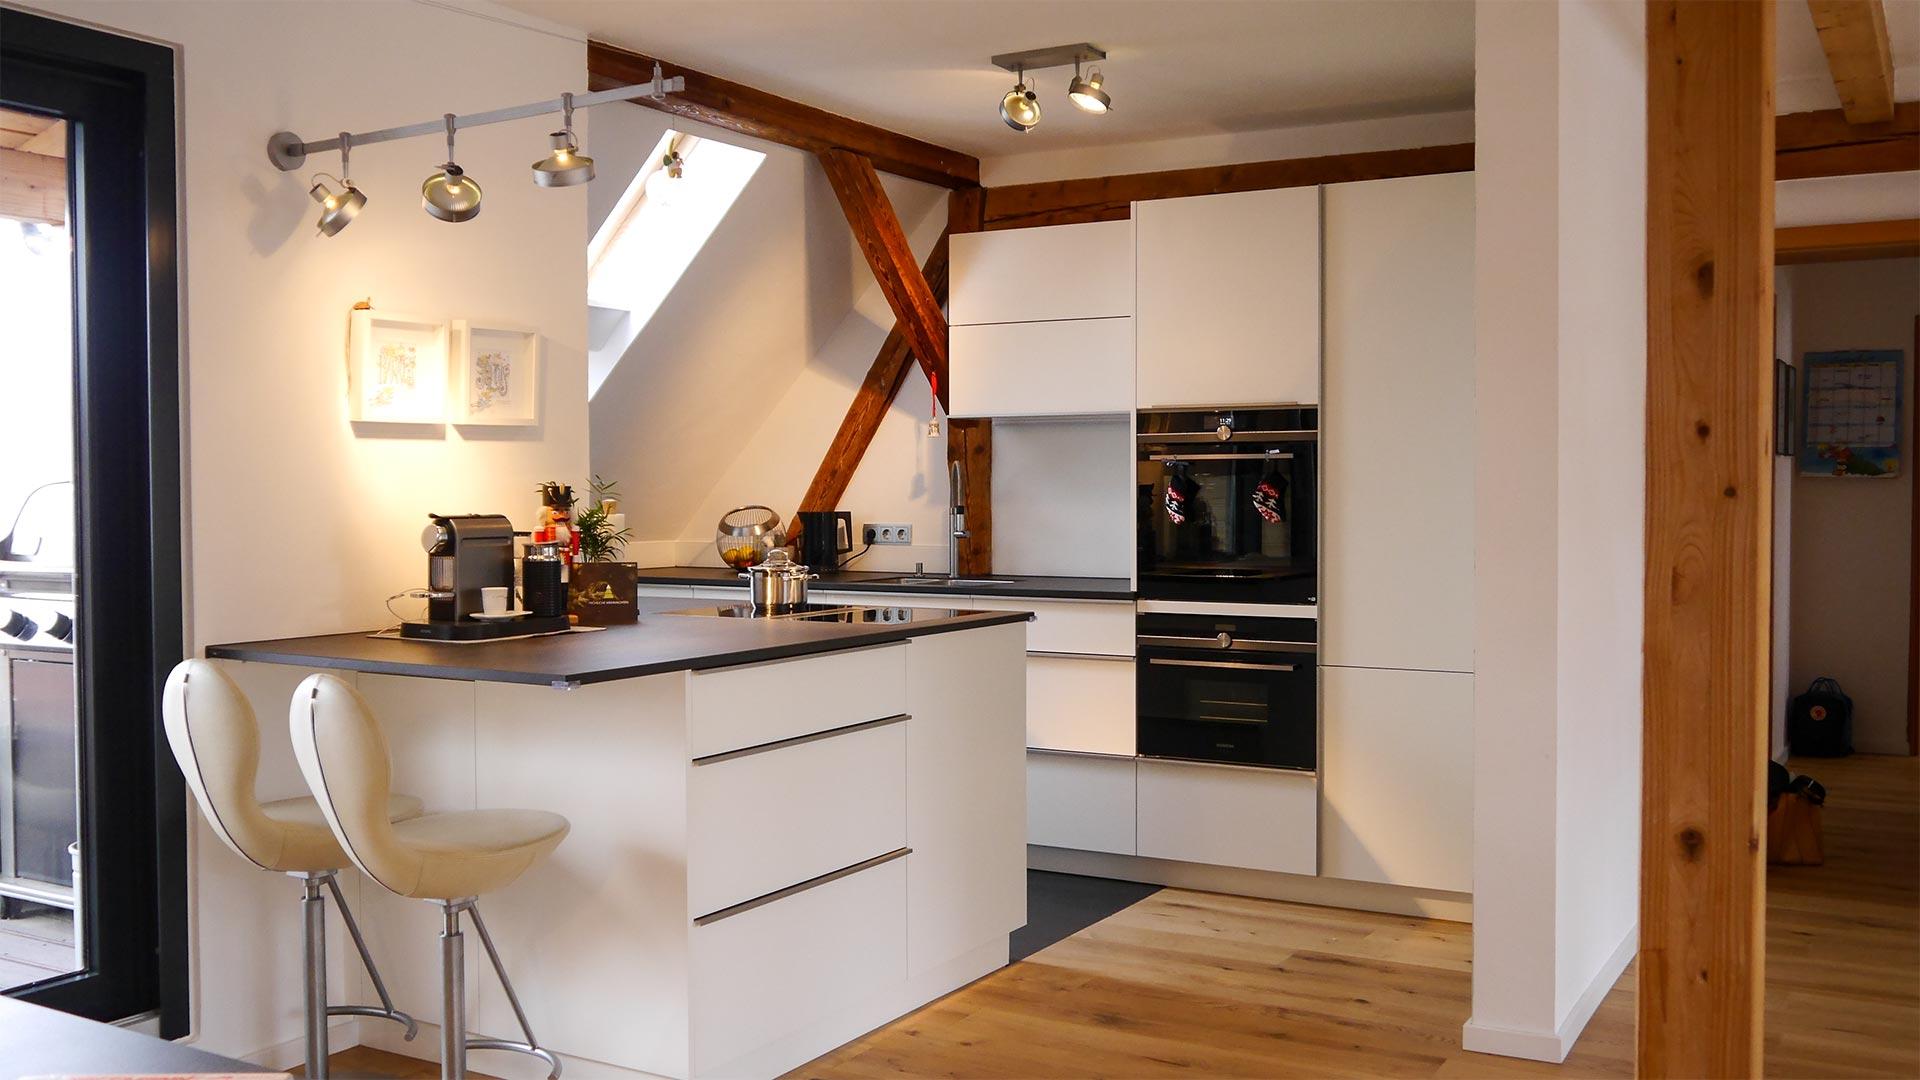 Dachgeschoss-Einbauküche mit Quarzstein-Arbeitsplatte ...